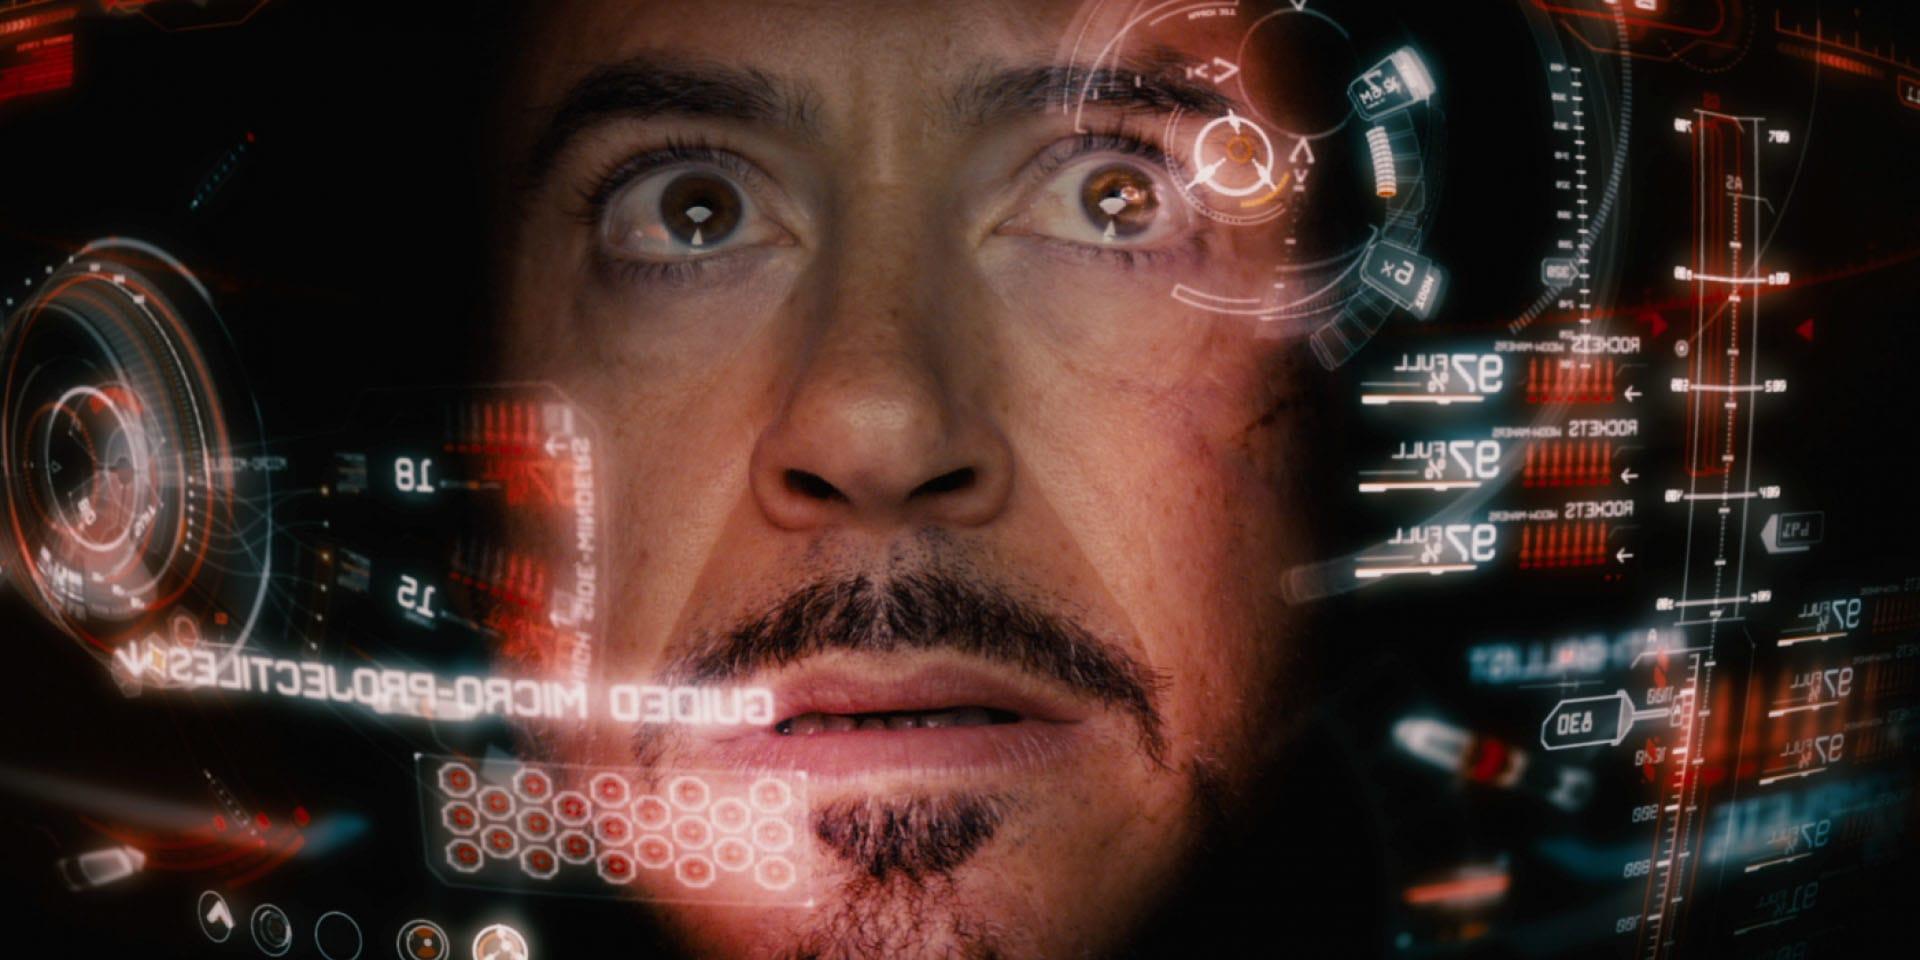 Iron Man volunteers to voice Zuckerberg's JARVIS assistant